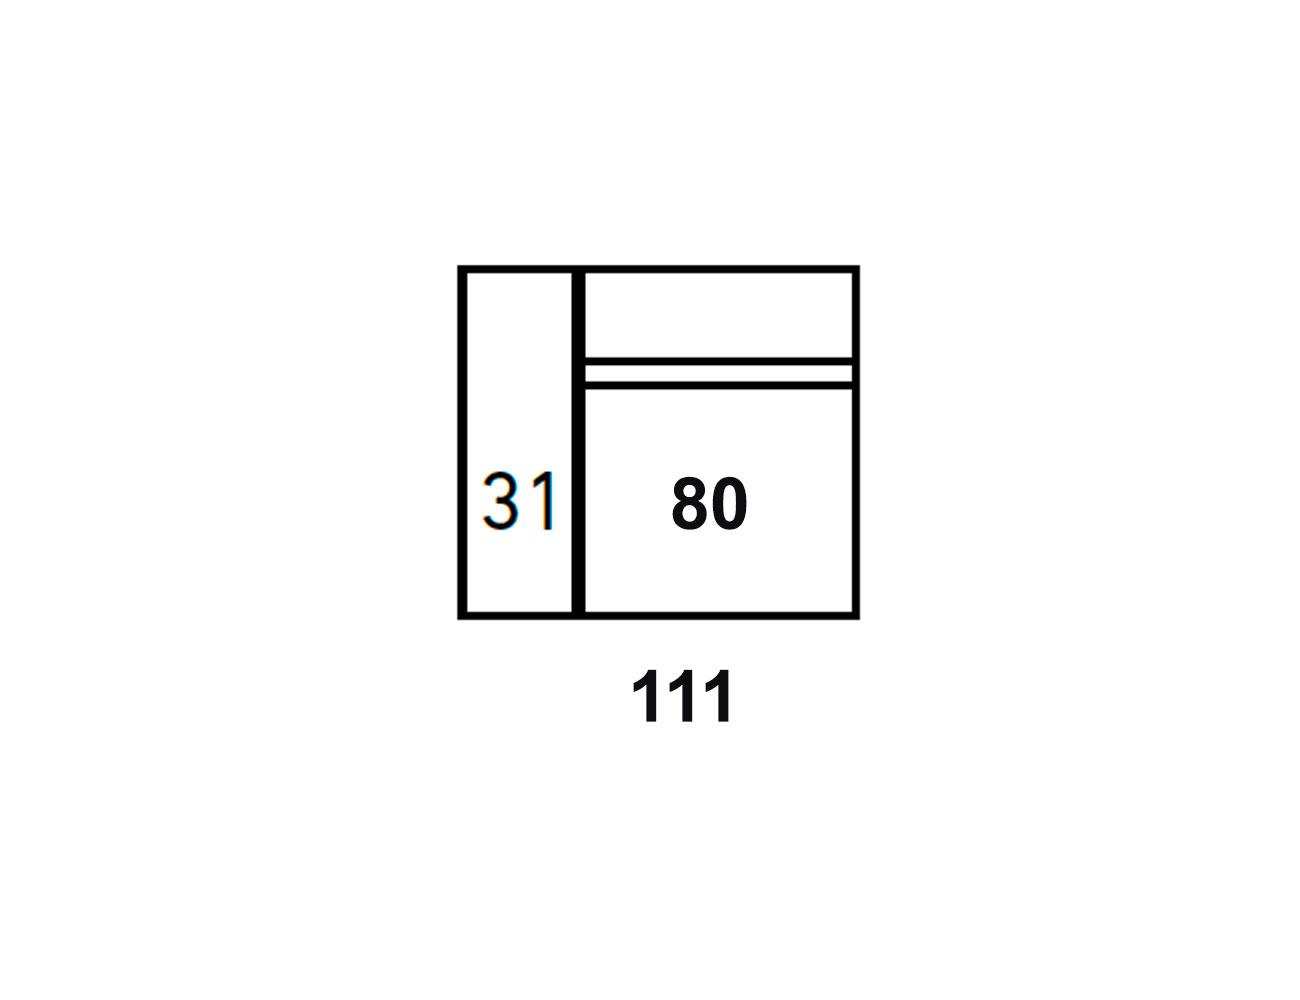 Modulo 1p 1115